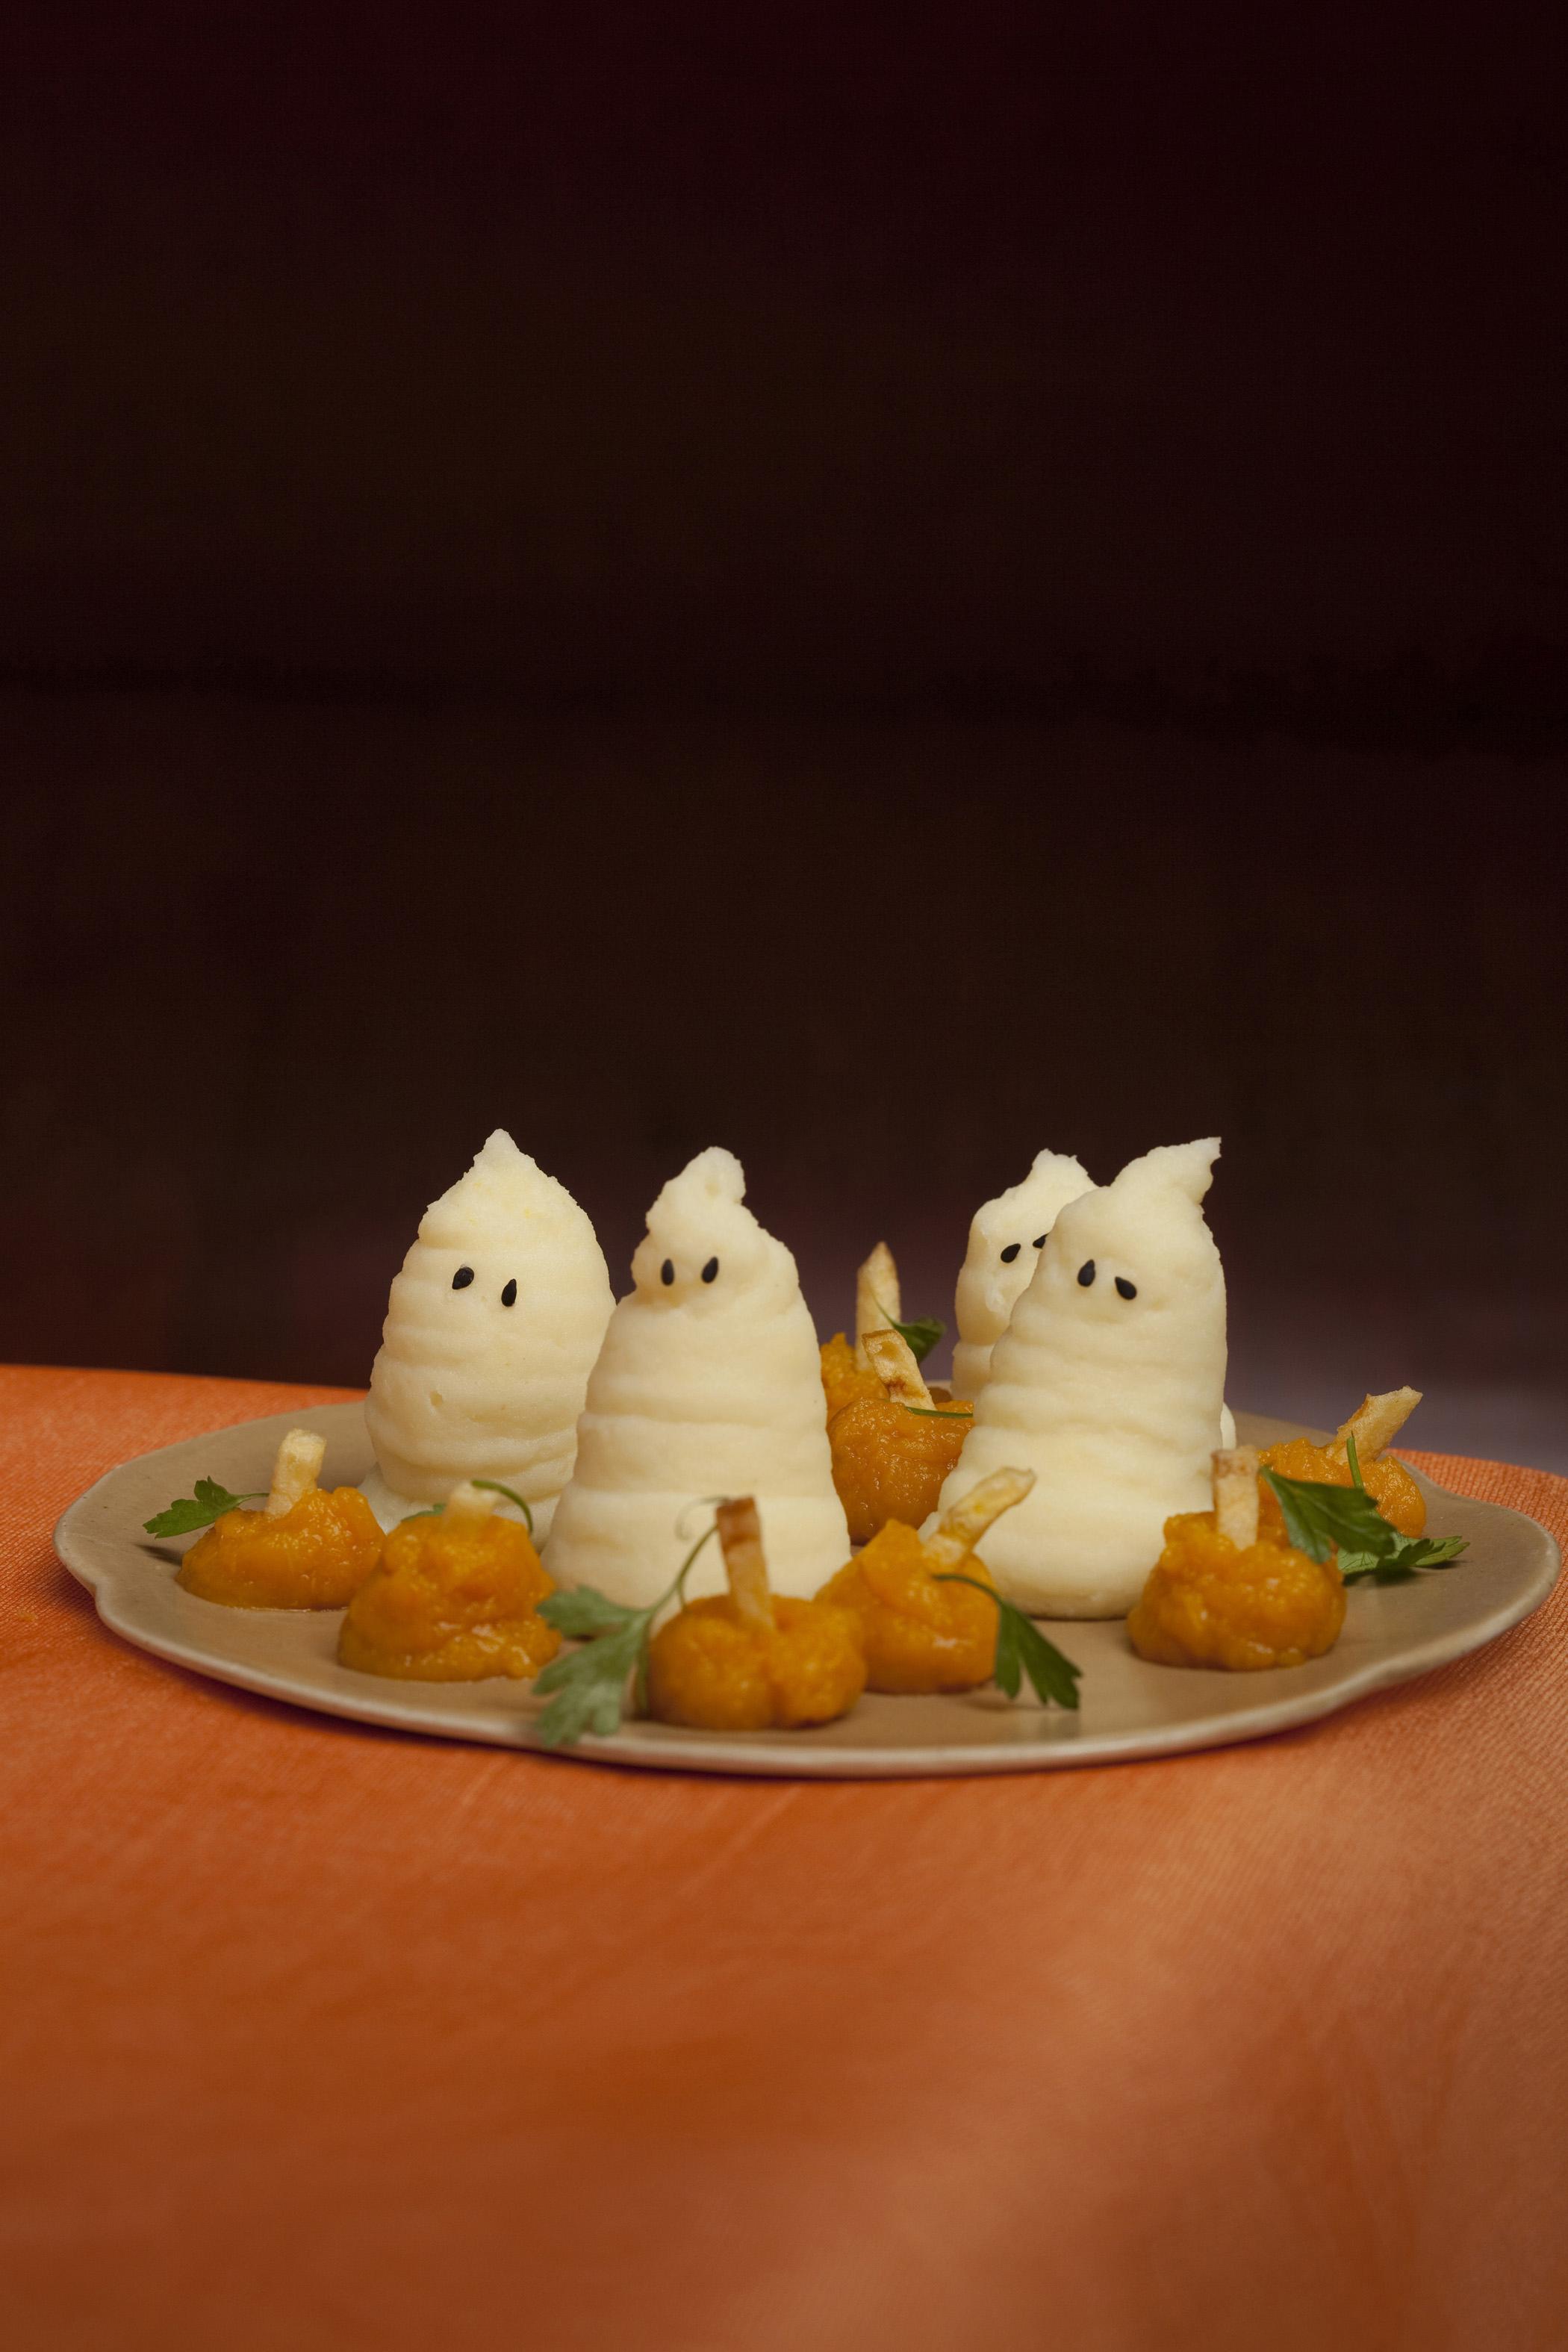 Secondi Piatti Di Carne Per Halloween.Idee Per Il Menu Della Cena Di Halloween Sale Pepe